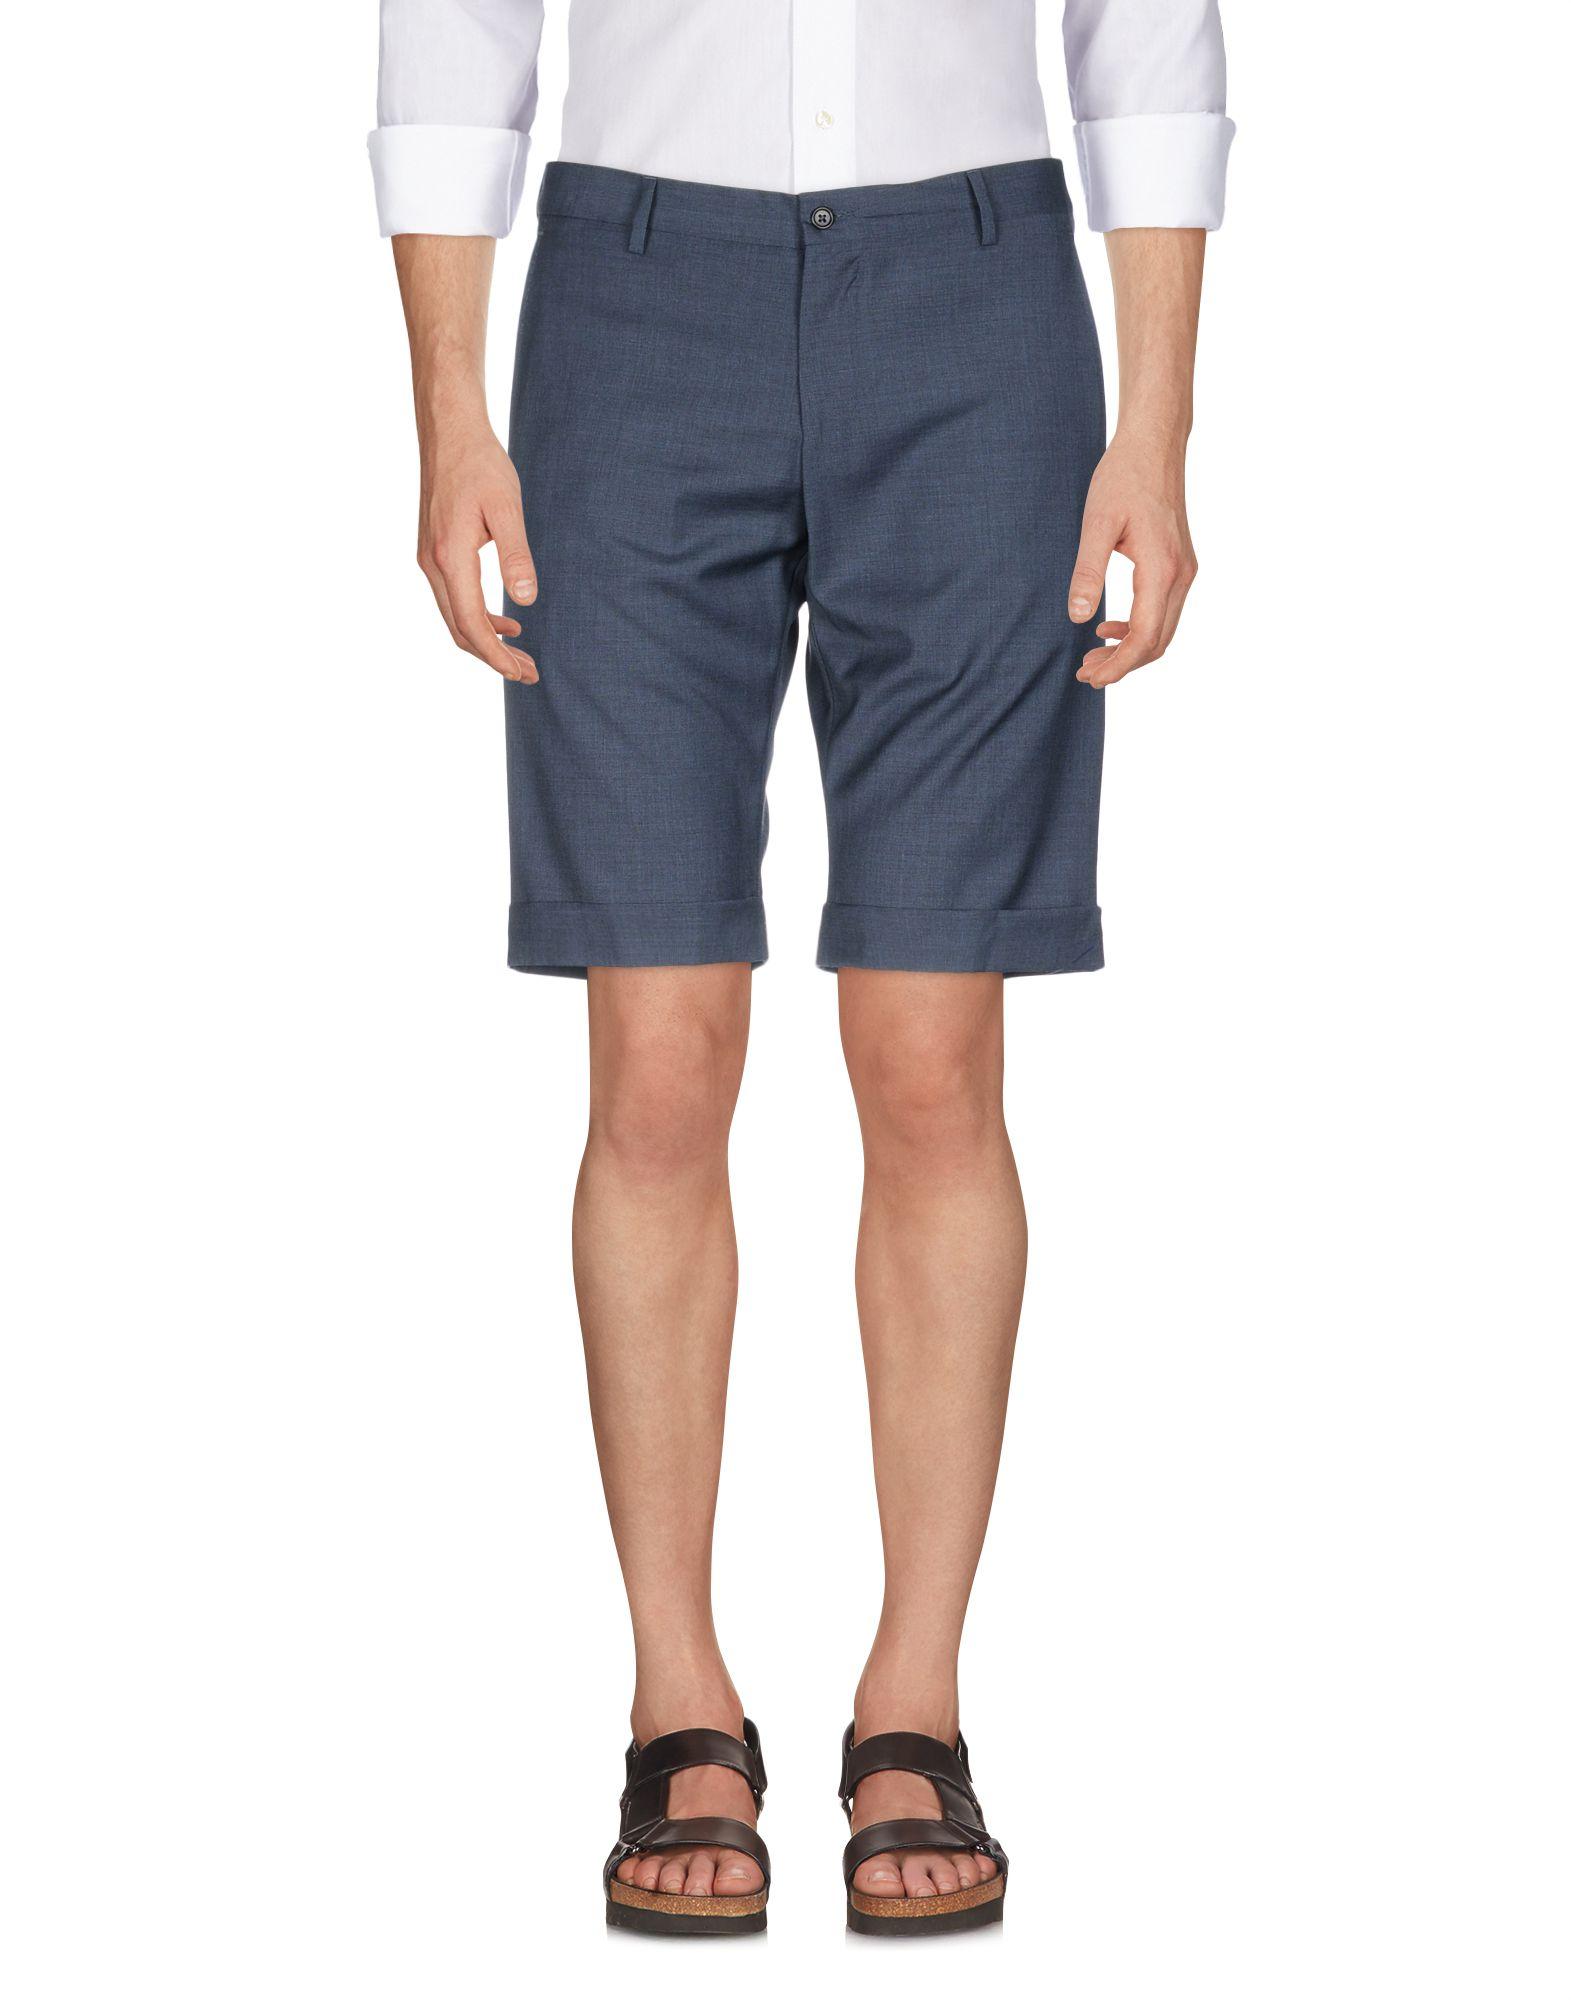 Pantalone Classico Philipp Plein Uomo - Acquista online su